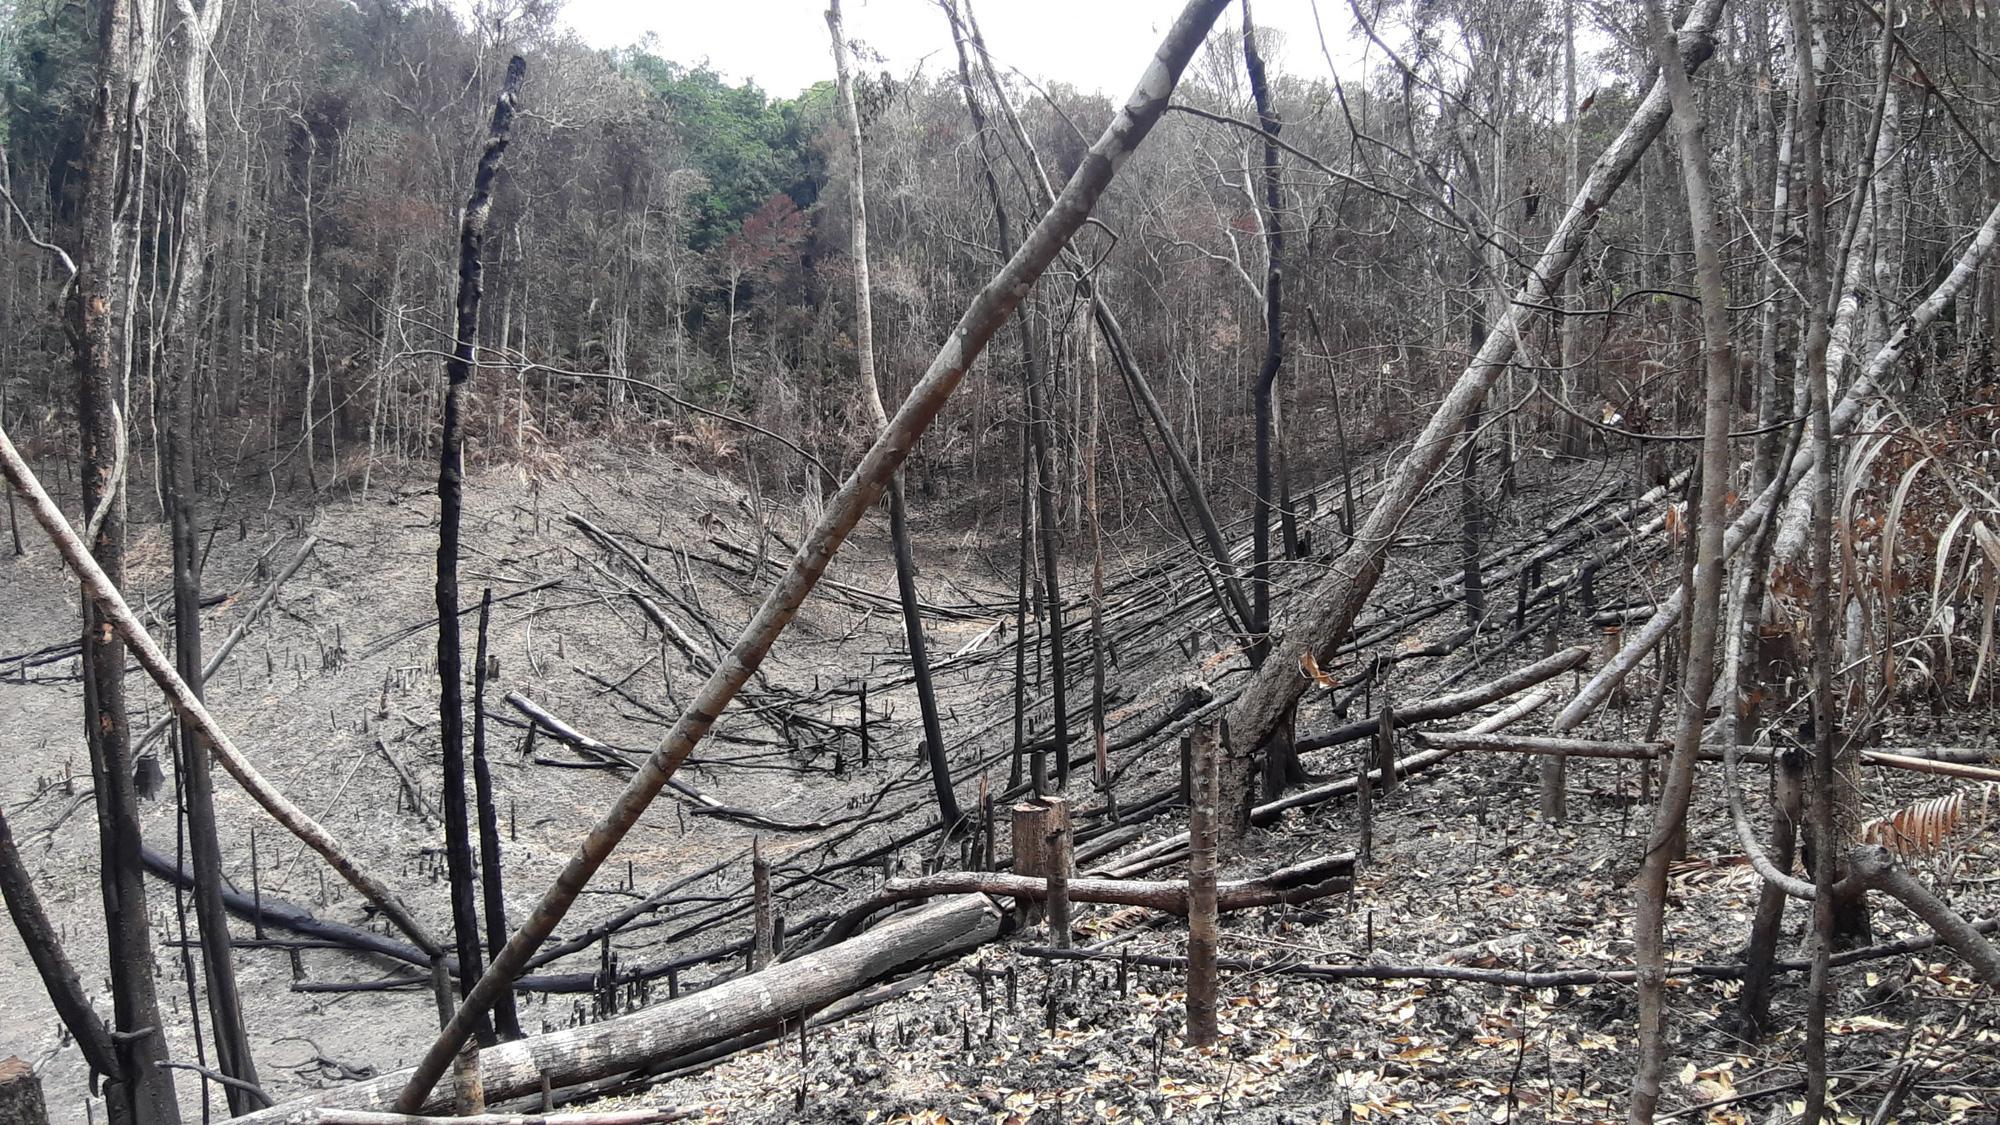 """Gia Lai: Nhiều cây gỗ lớn bị đốn hạ, gỗ nhỏ bị """"cạo trọc, đốt sạch"""" - Ảnh 2."""